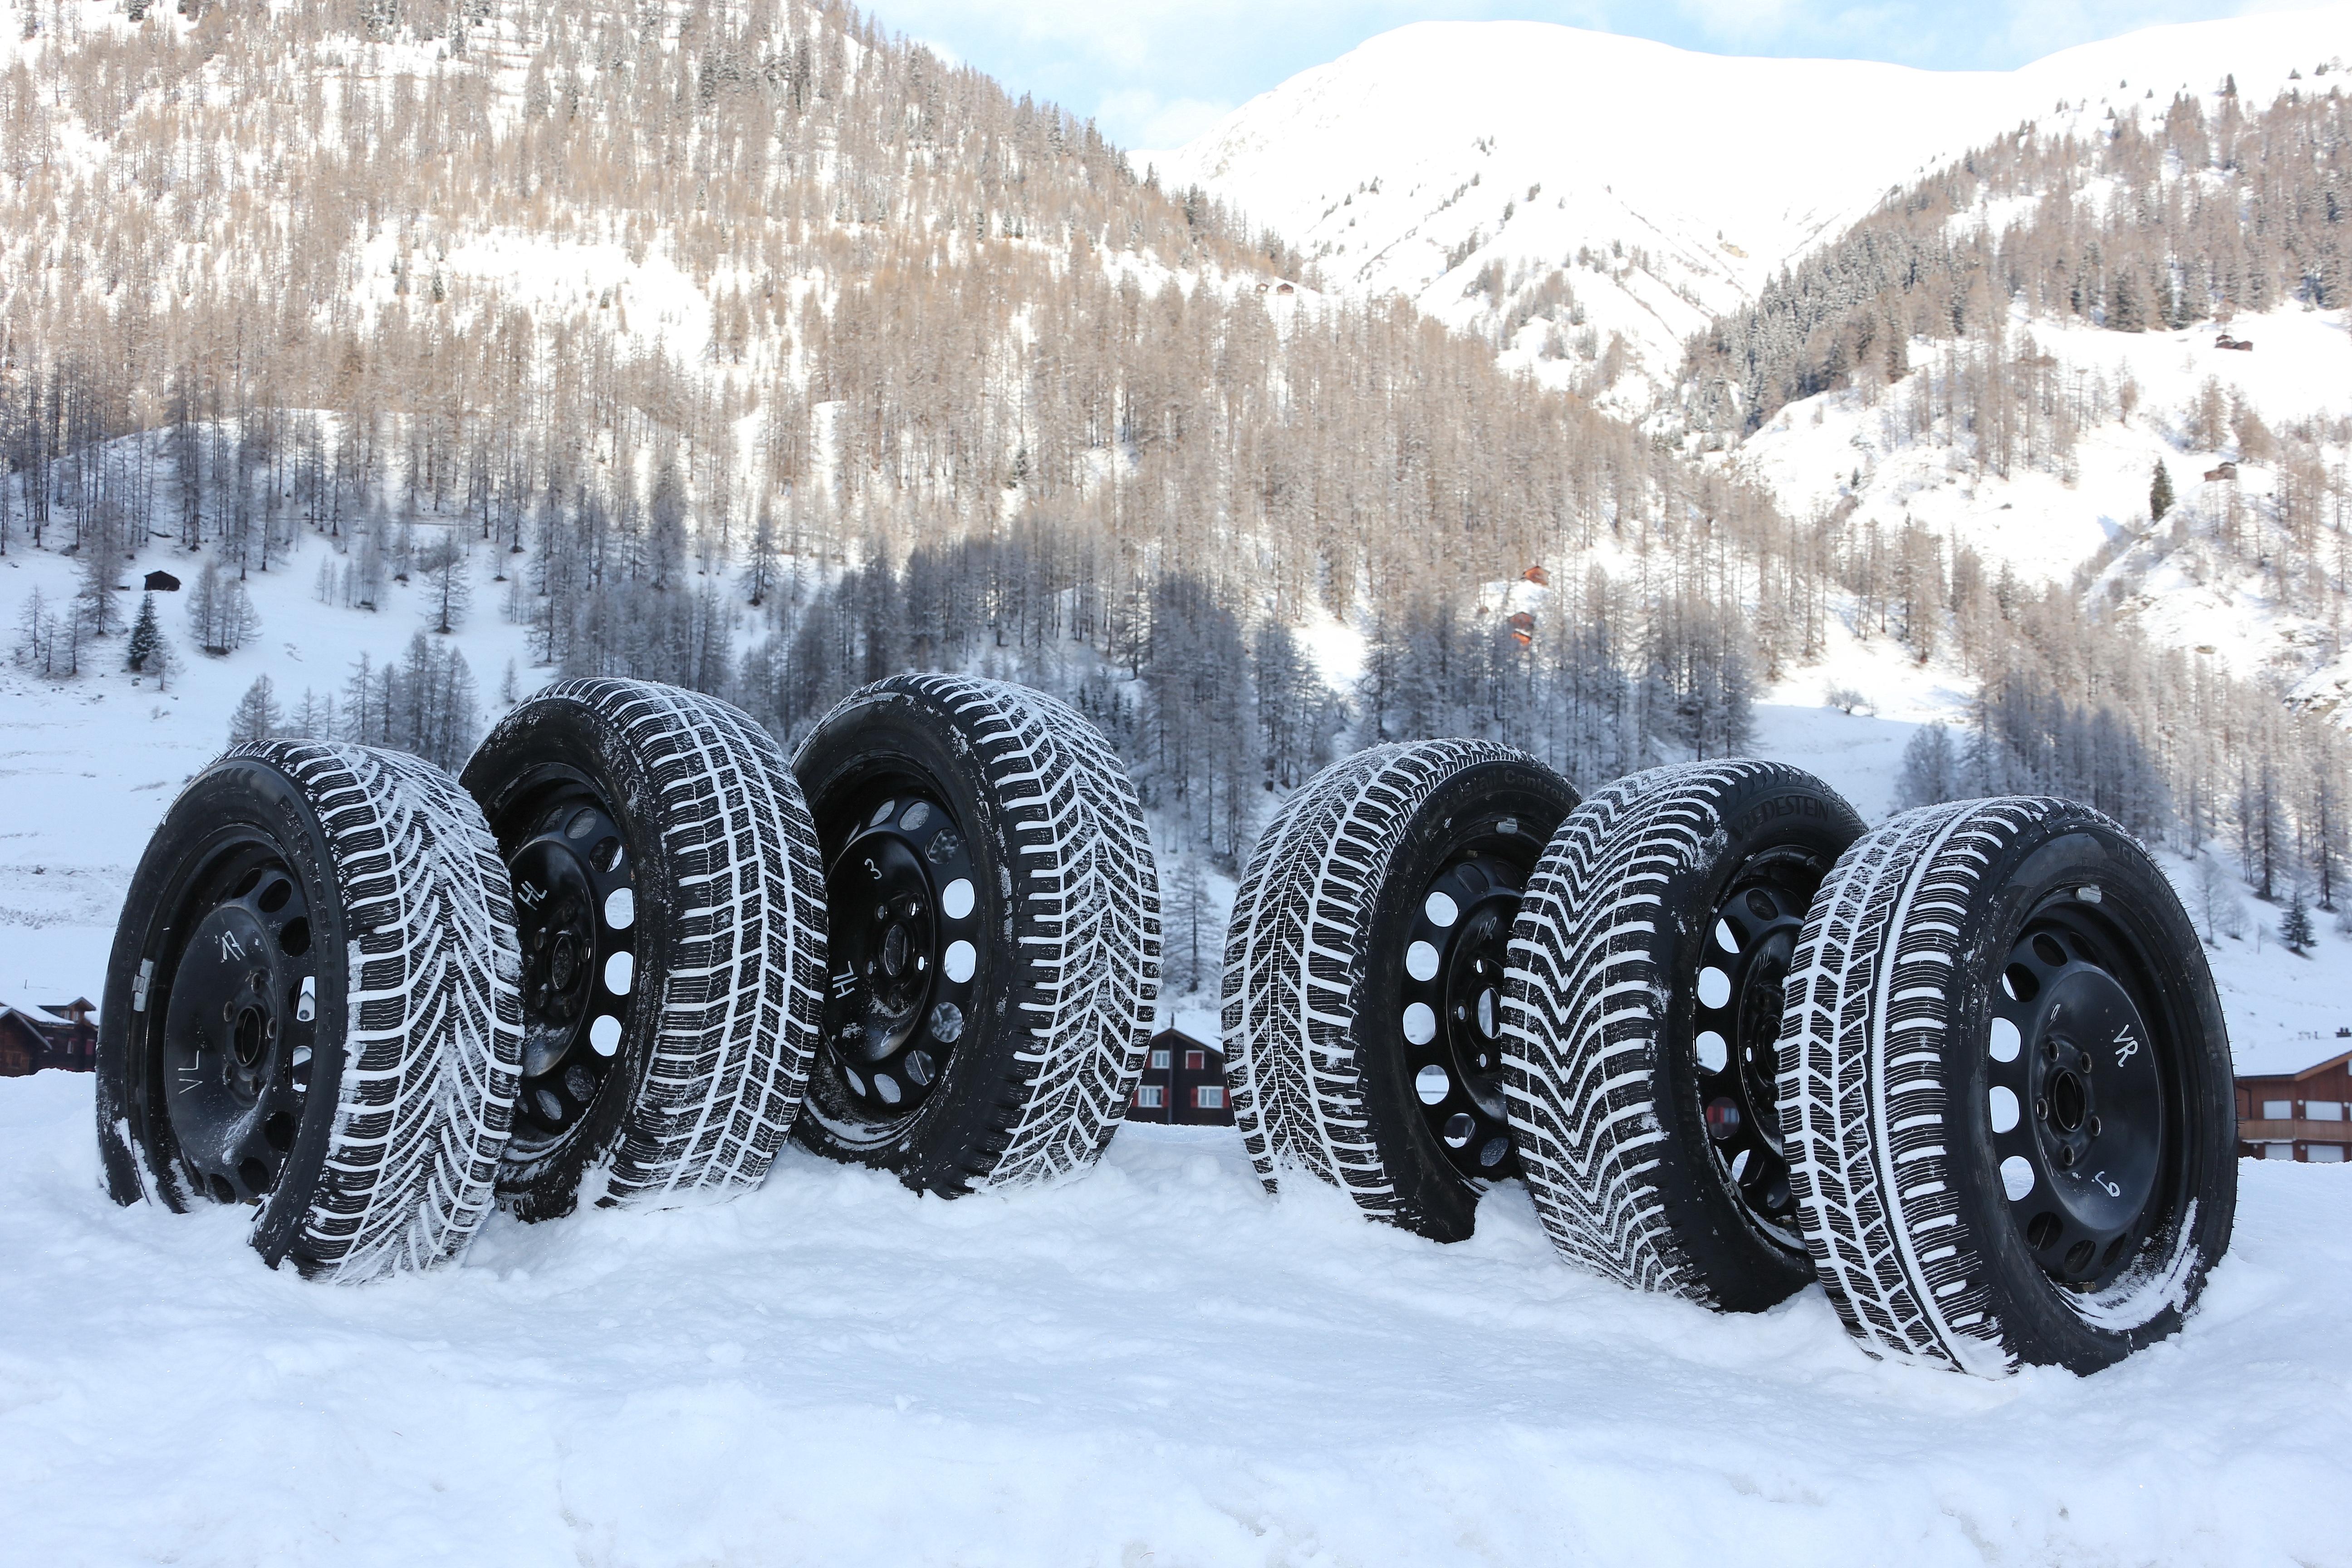 test tcs de pneus d 39 hiver 2015 presque tous les pneus ont obtenu au minimum la presseportal. Black Bedroom Furniture Sets. Home Design Ideas